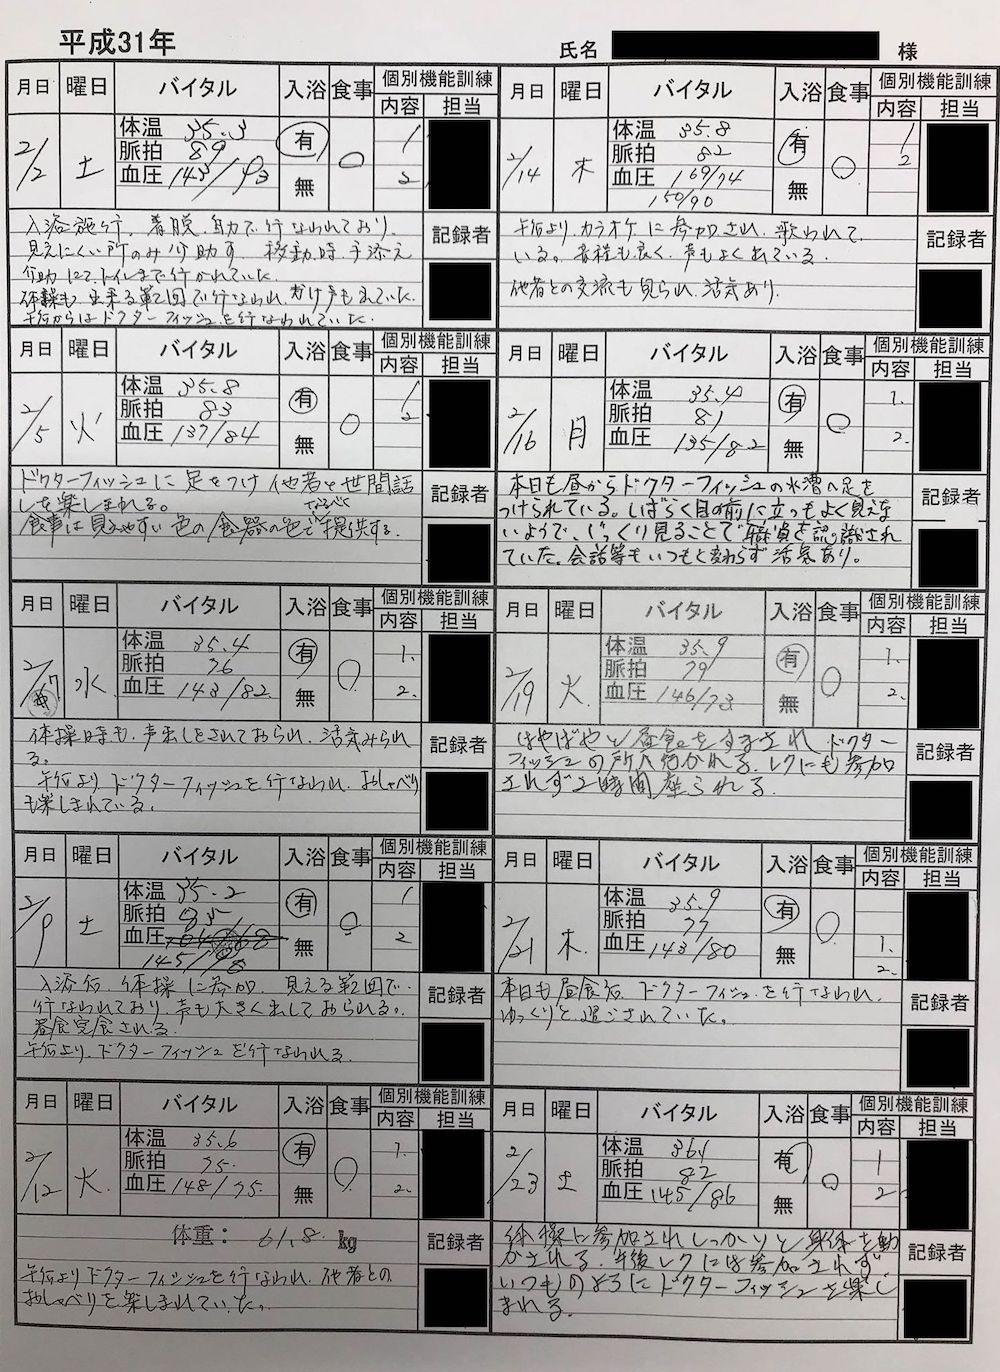 ケアプラン日報